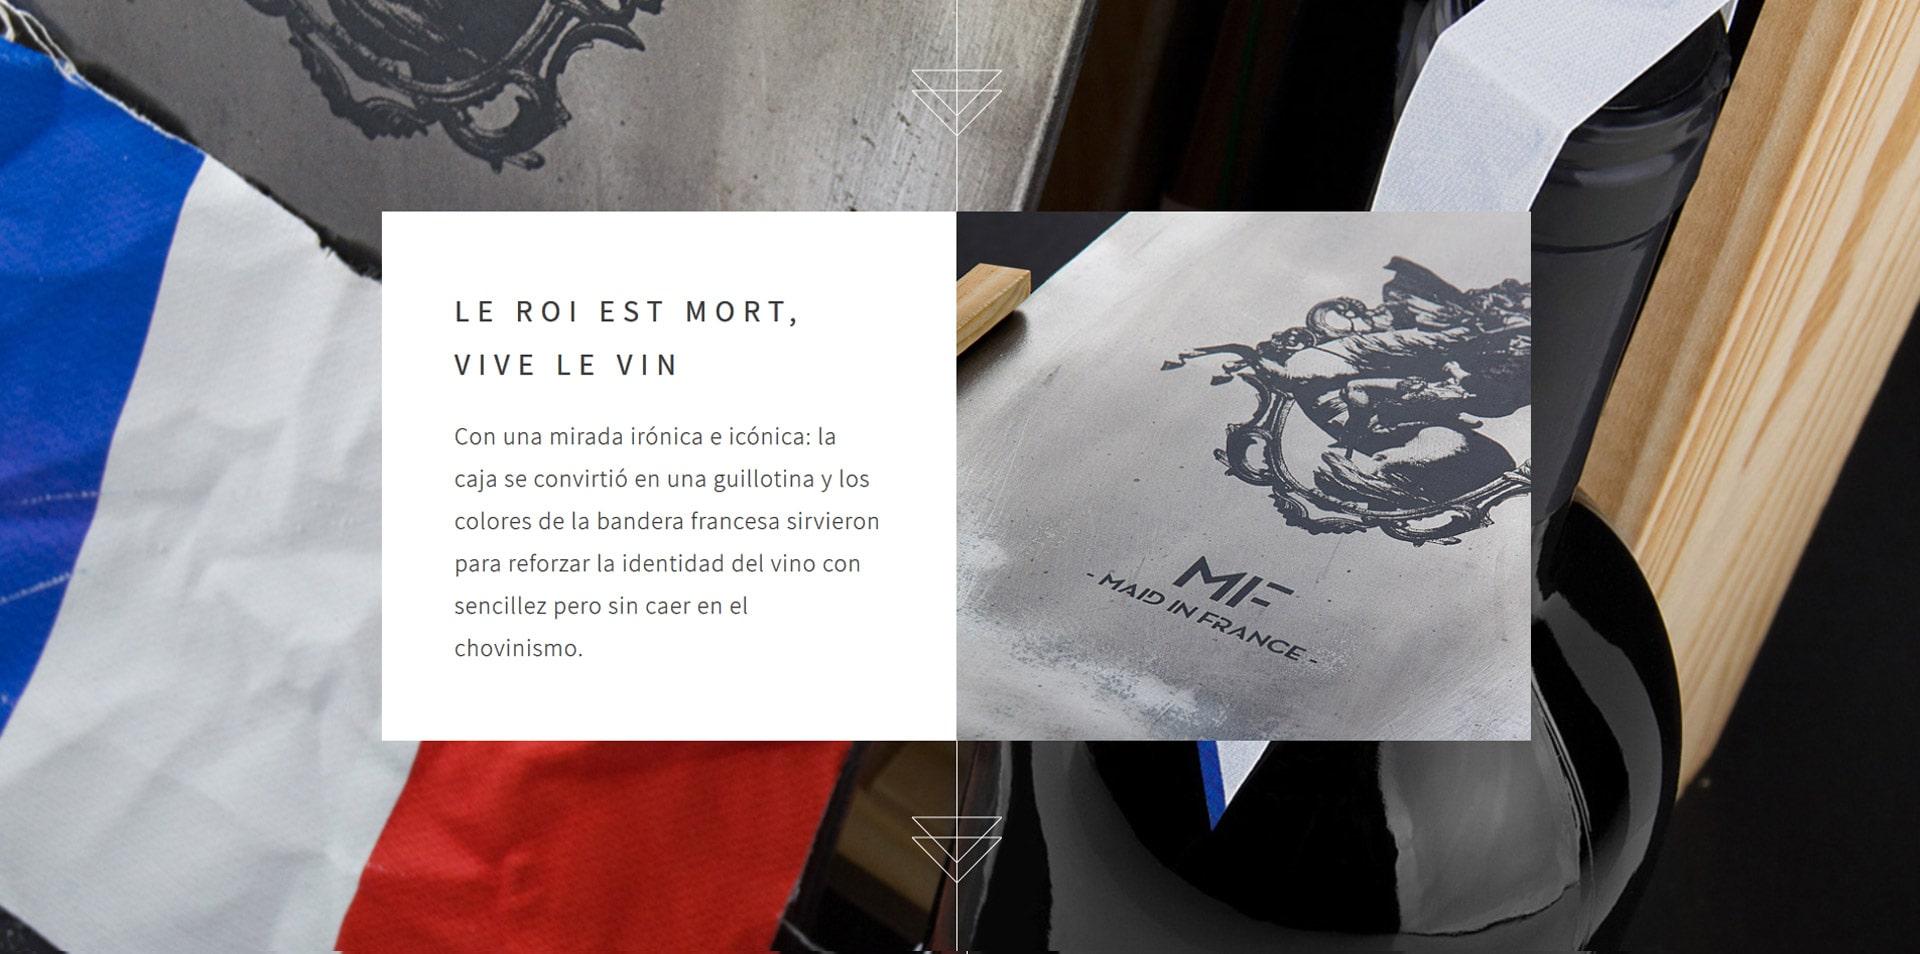 projektowanie-stron-www-inspiracje-franceandcowine-2